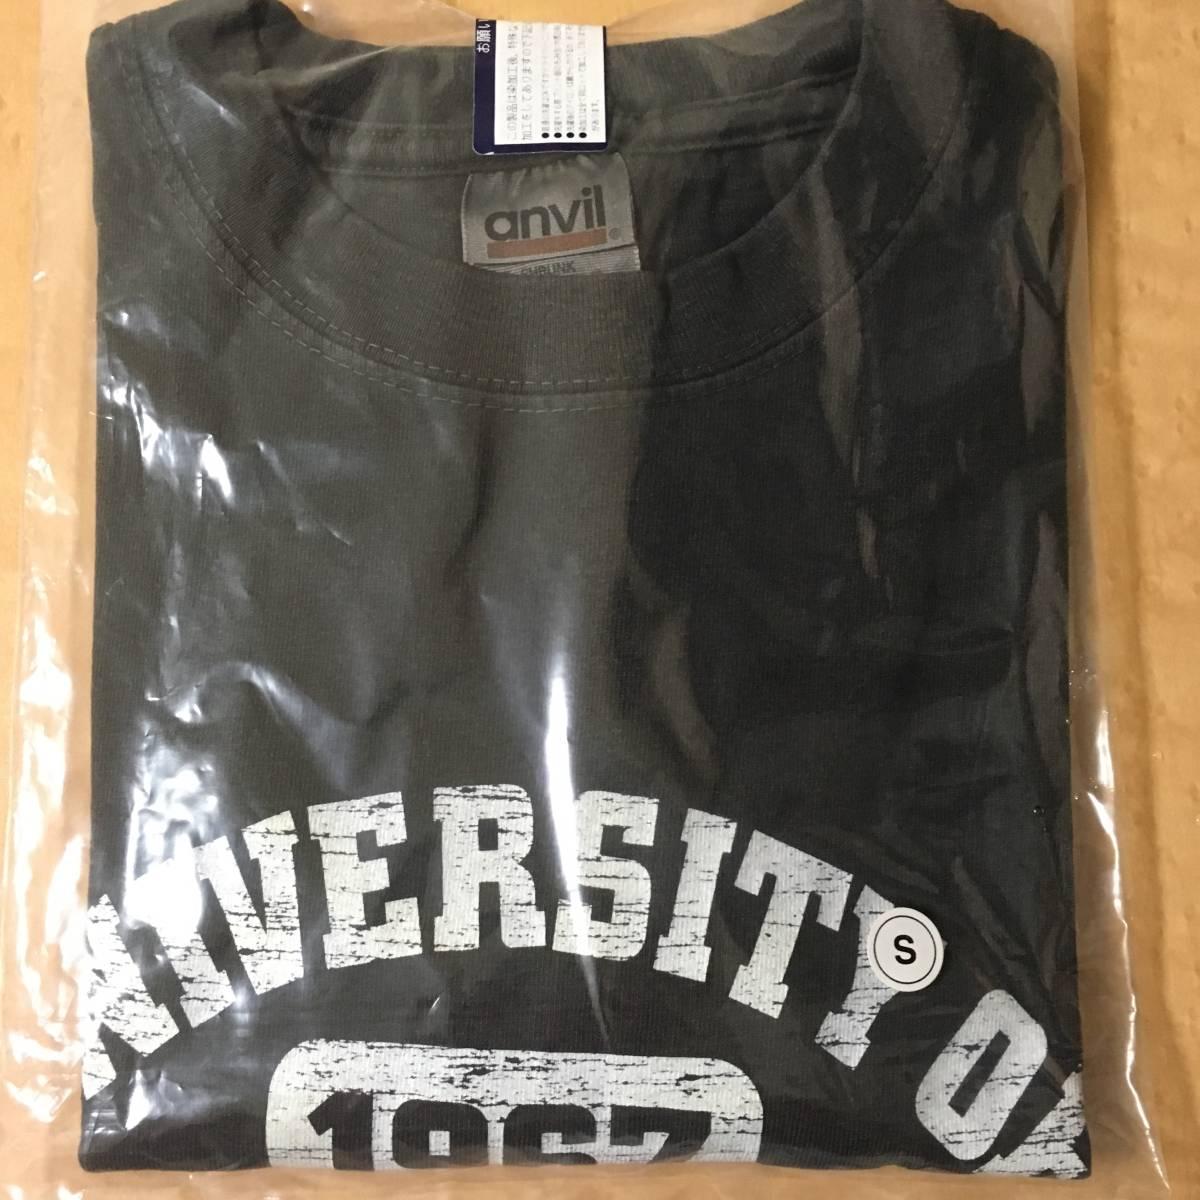 スピッツ Tシャツ ユニバーシティ 未使用 黒 S ライブグッズの画像